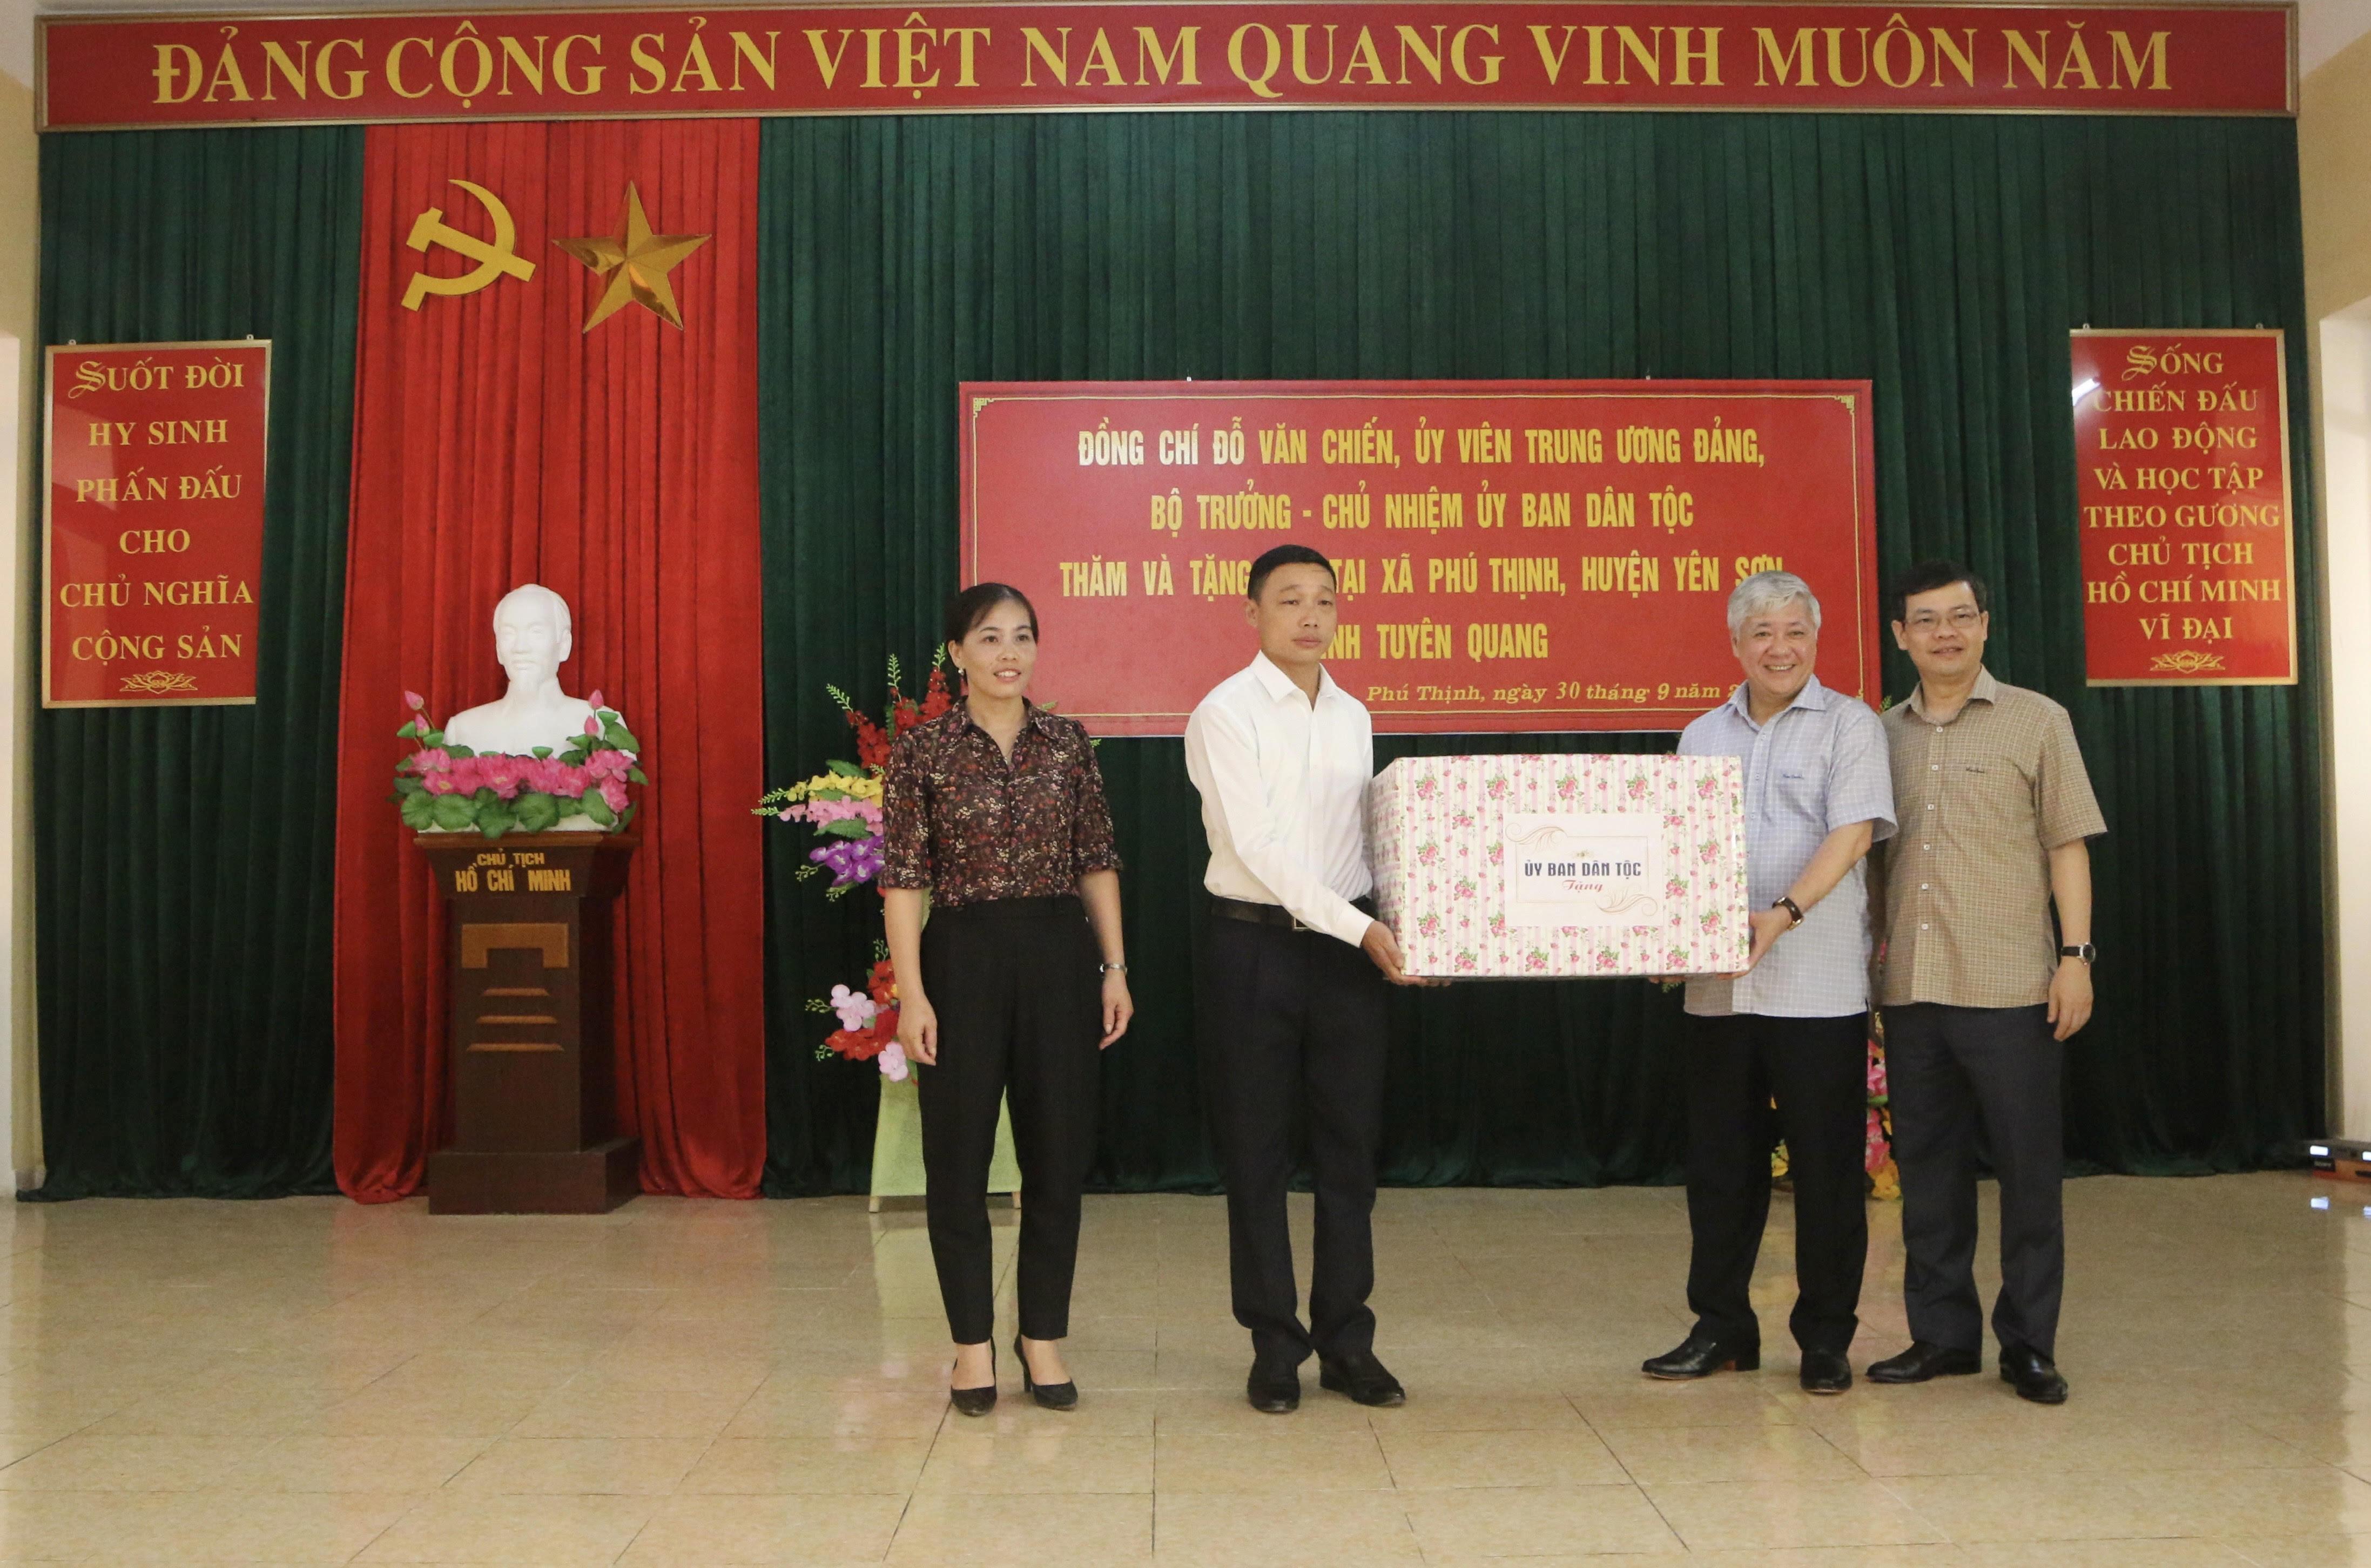 Bộ trưởng, Chủ nhiệm UBDT Đỗ Văn Chiến và đồng chí Nguyễn Văn Sơn, Phó Bí thư Tỉnh ủy, Chủ tịch Ủy ban Nhân dân tỉnh Tuyên Quang (người ngoài cùng bên phải) tặng quà của UBDT cho xã Phú Thịnh